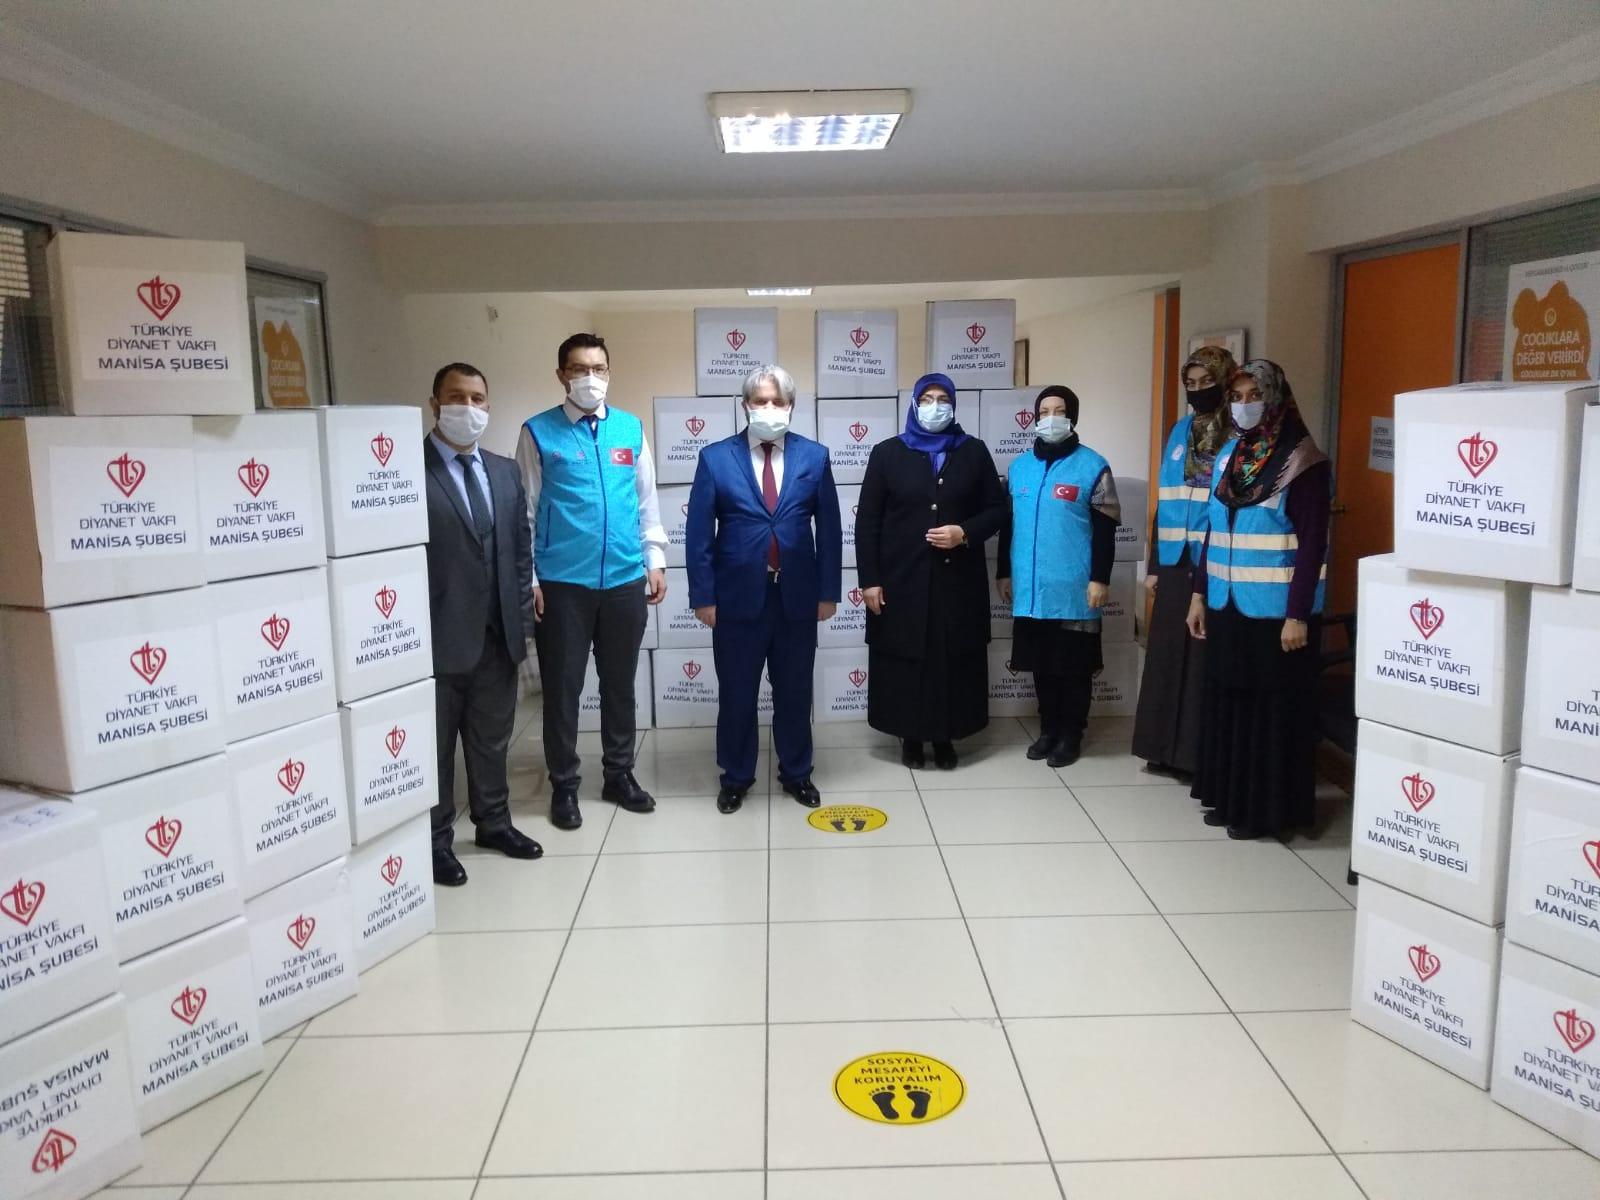 Manisa'da STK ve Türkiye Diyanet Vakfı işbirliğiyle 'İlmek İlmek İyilik' Projesi